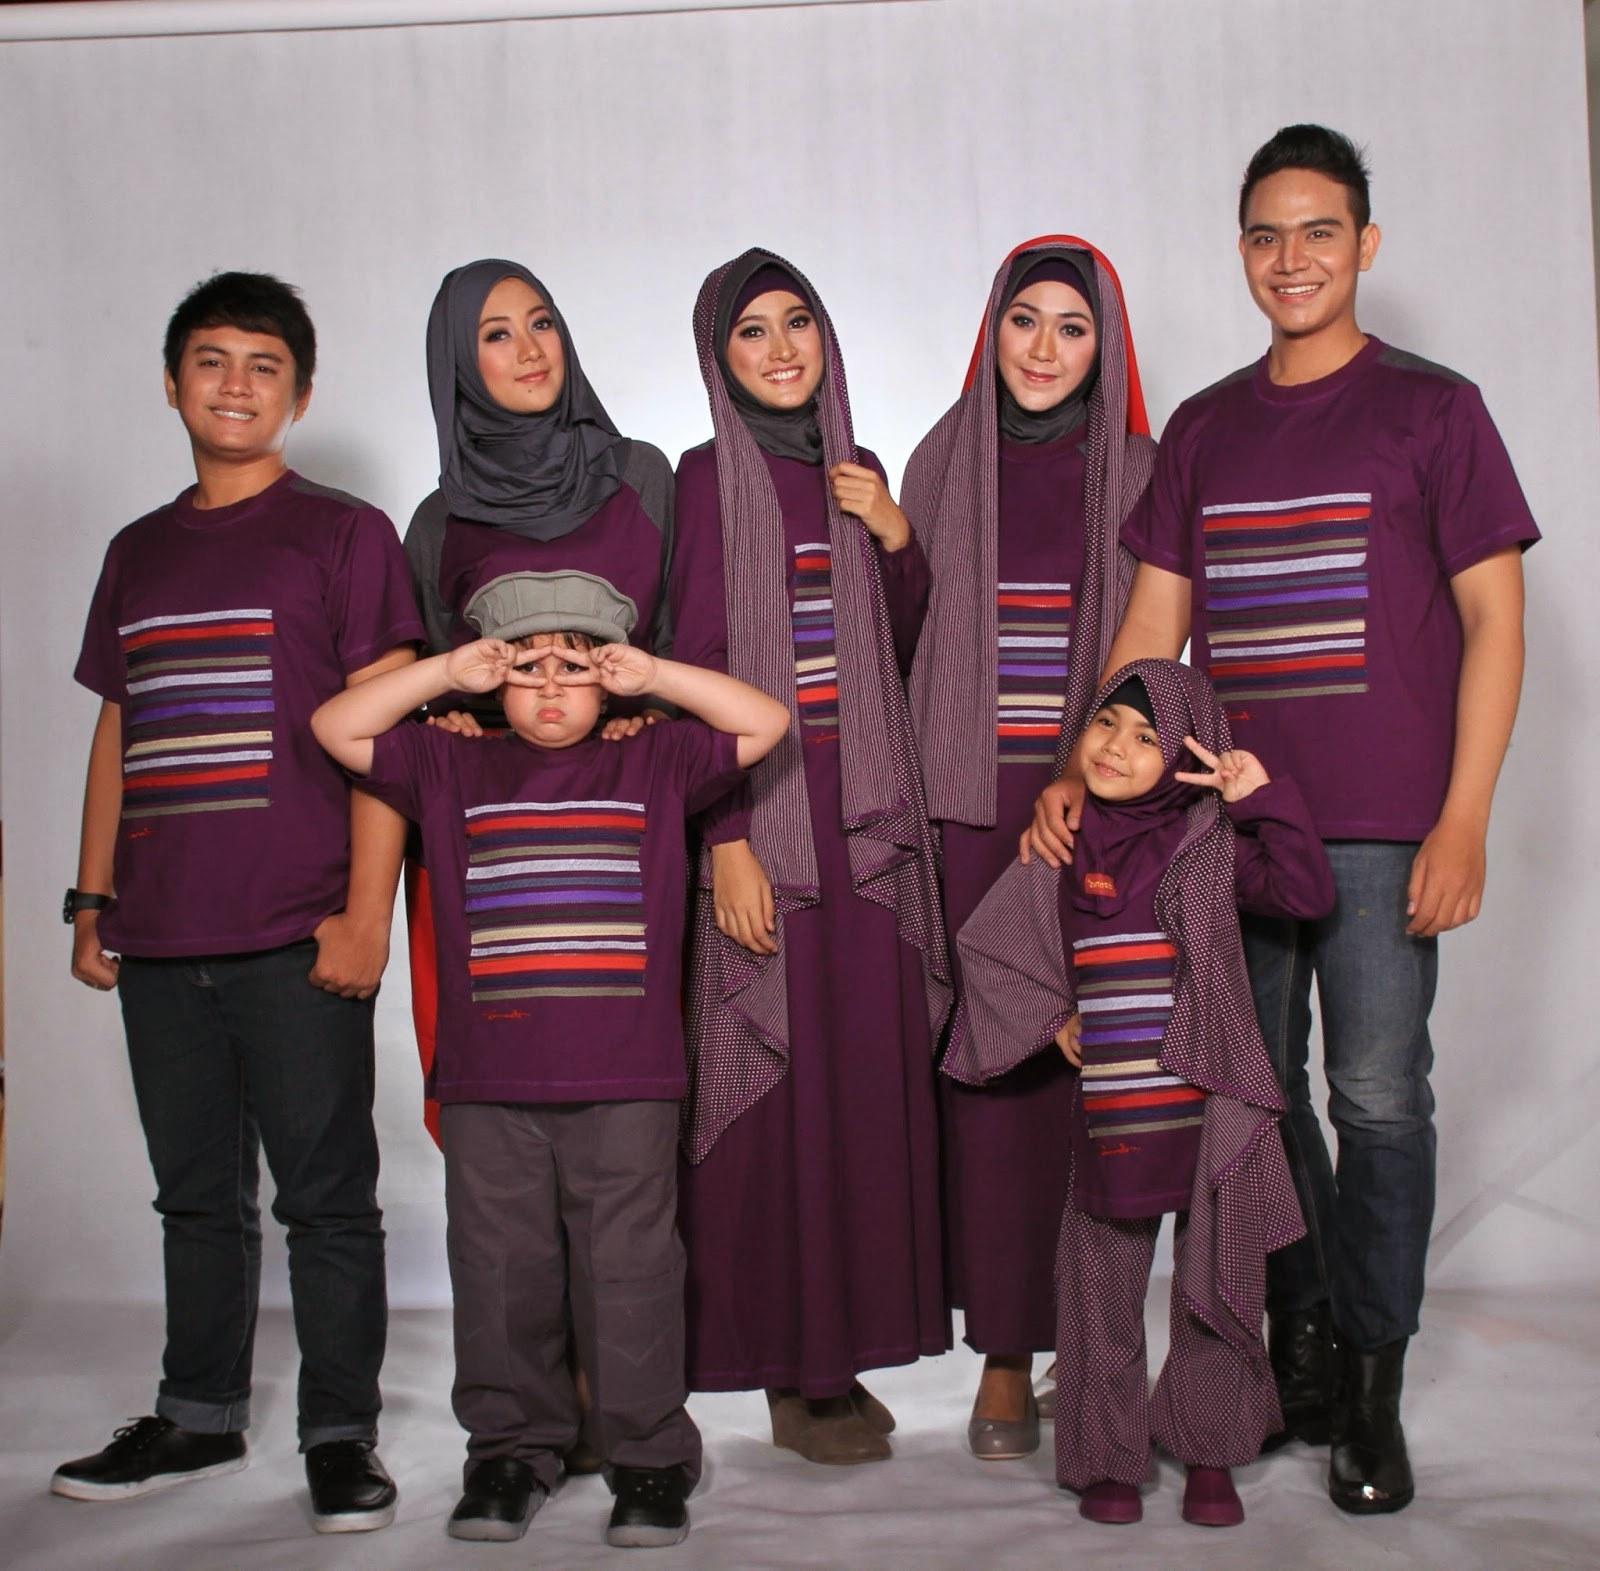 Bentuk Baju Lebaran Keluarga 2018 Ffdn Model Baju Keluarga Untuk Hari Raya Lebaran 2018